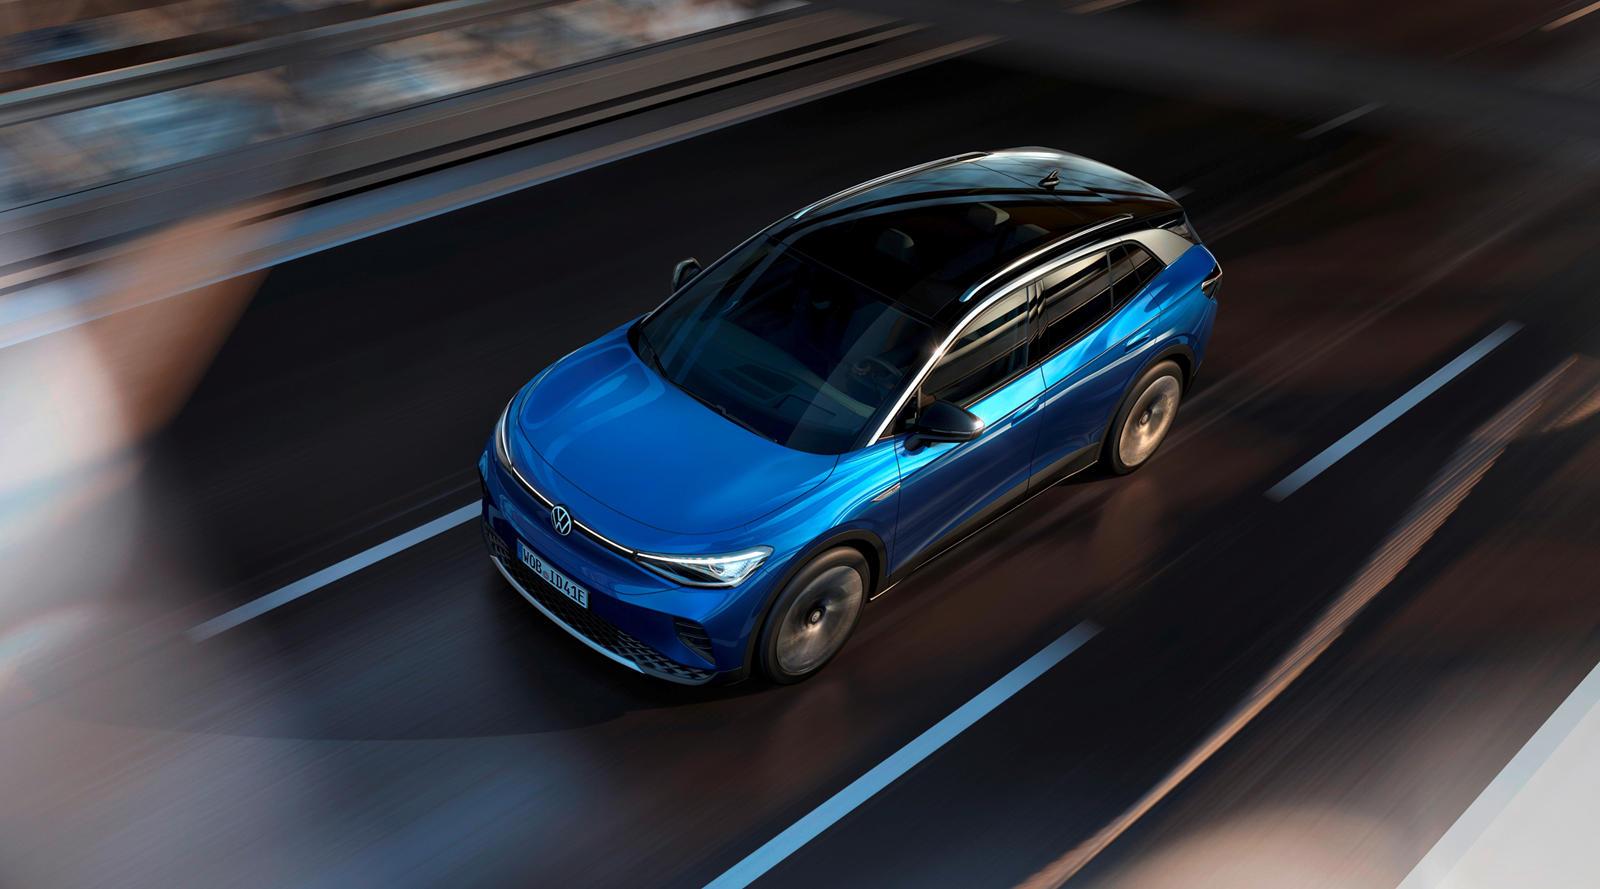 Еще в марте VW впервые представил свой новый флагманский электромобиль - и теперь Autocar обнаружил некоторые интересные новые детали. Project Trinity, сочетающий в себе стили кузова седан, хэтчбек и кроссовер, станет одной из первых моделей, использ